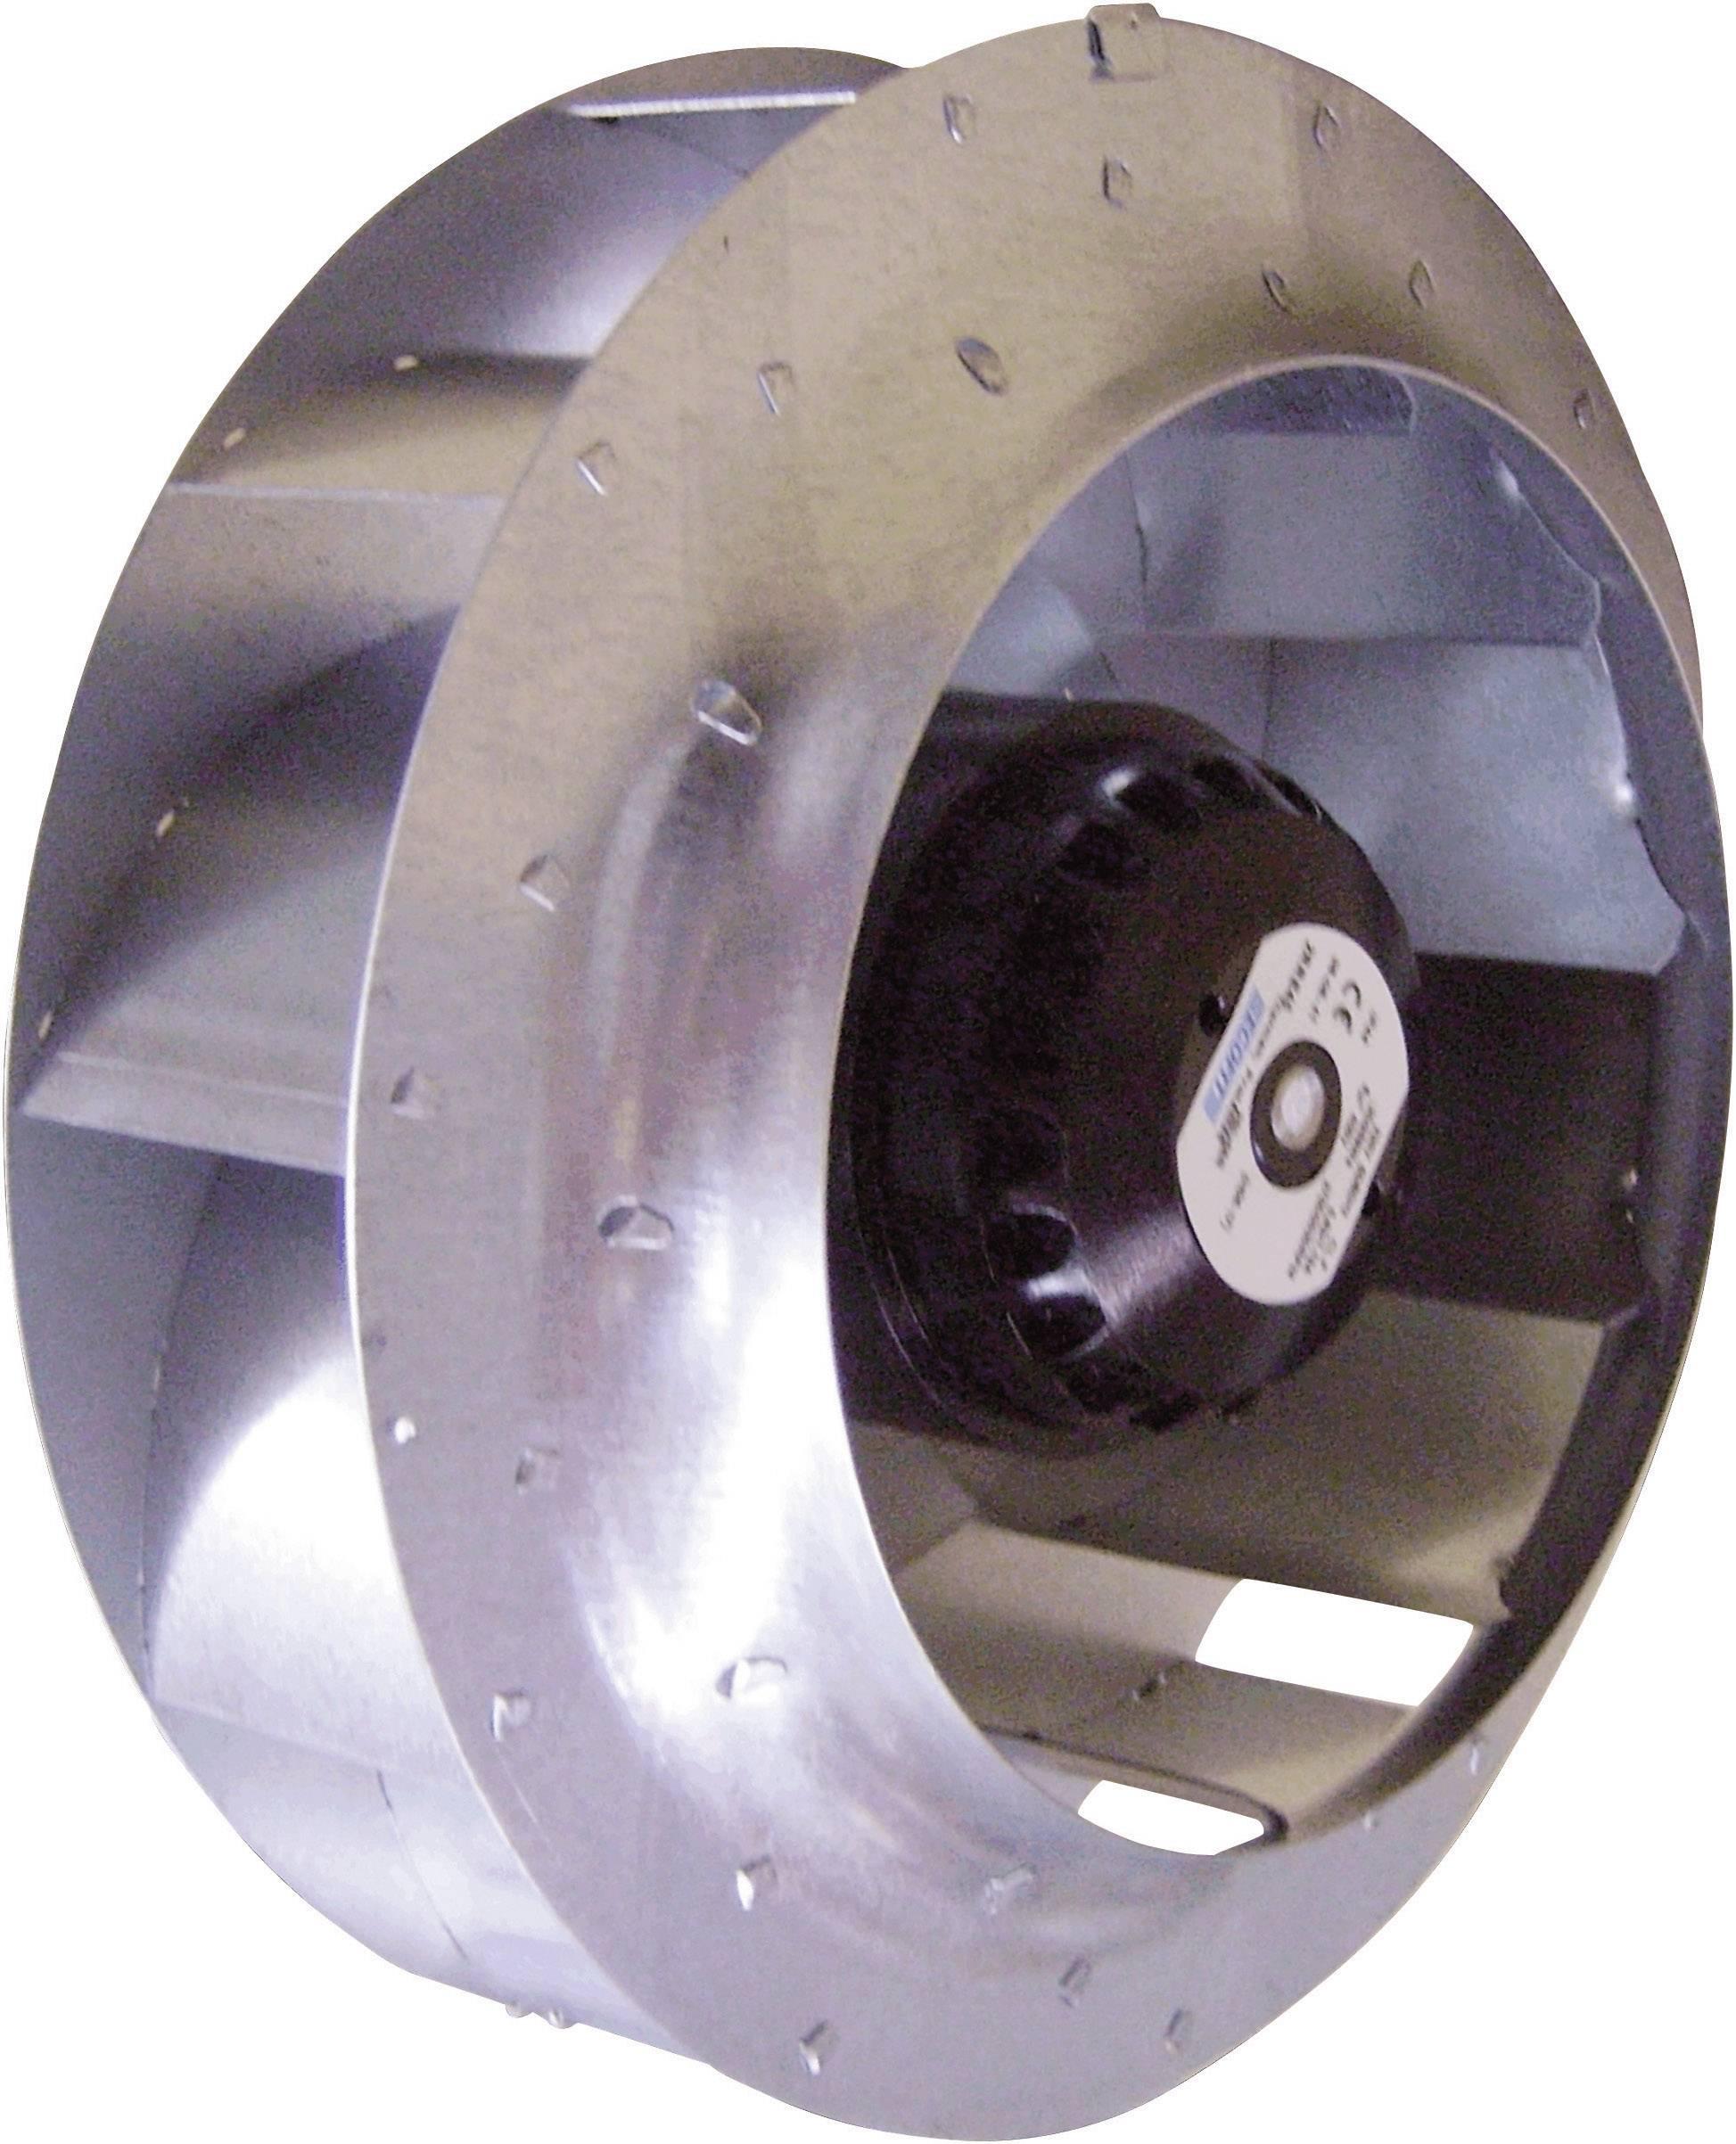 Axiální ventilátor Ecofit 2RRE45-250X50R L47-A3, 230 V/AC, 73.5 dB (A), (Ø x v) 252 mm x 103.5 mm